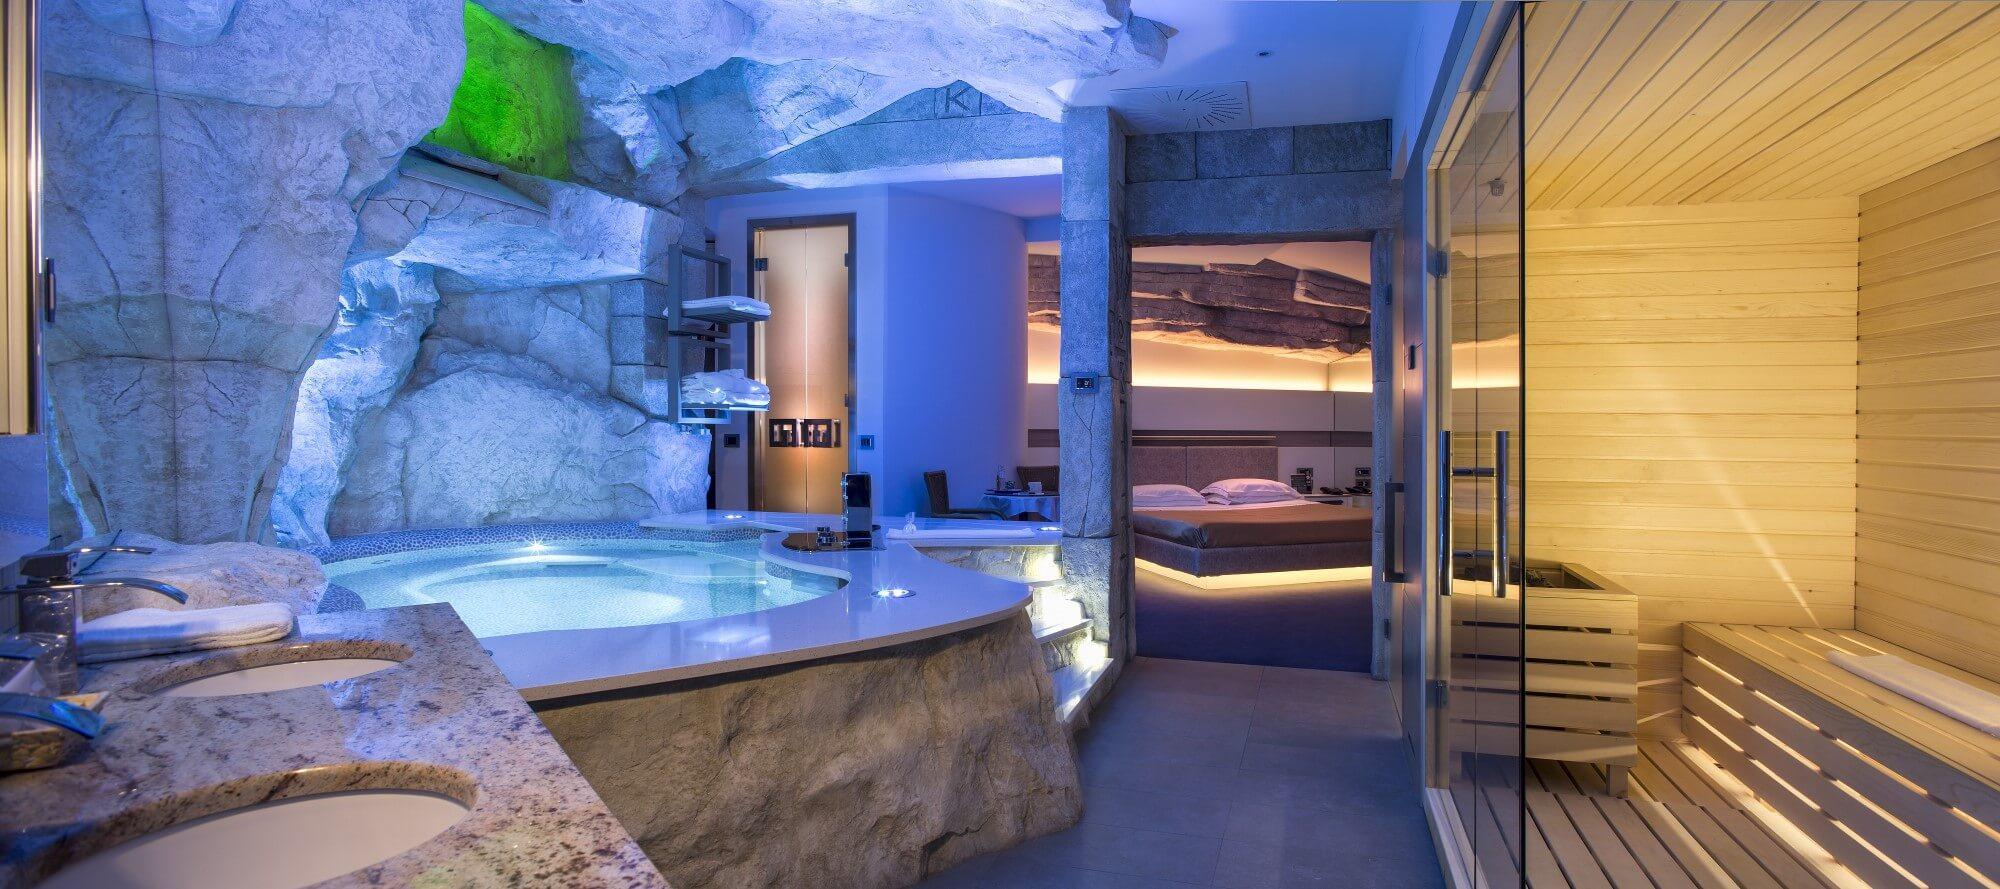 Motel k milano - Spa con piscina in camera ...